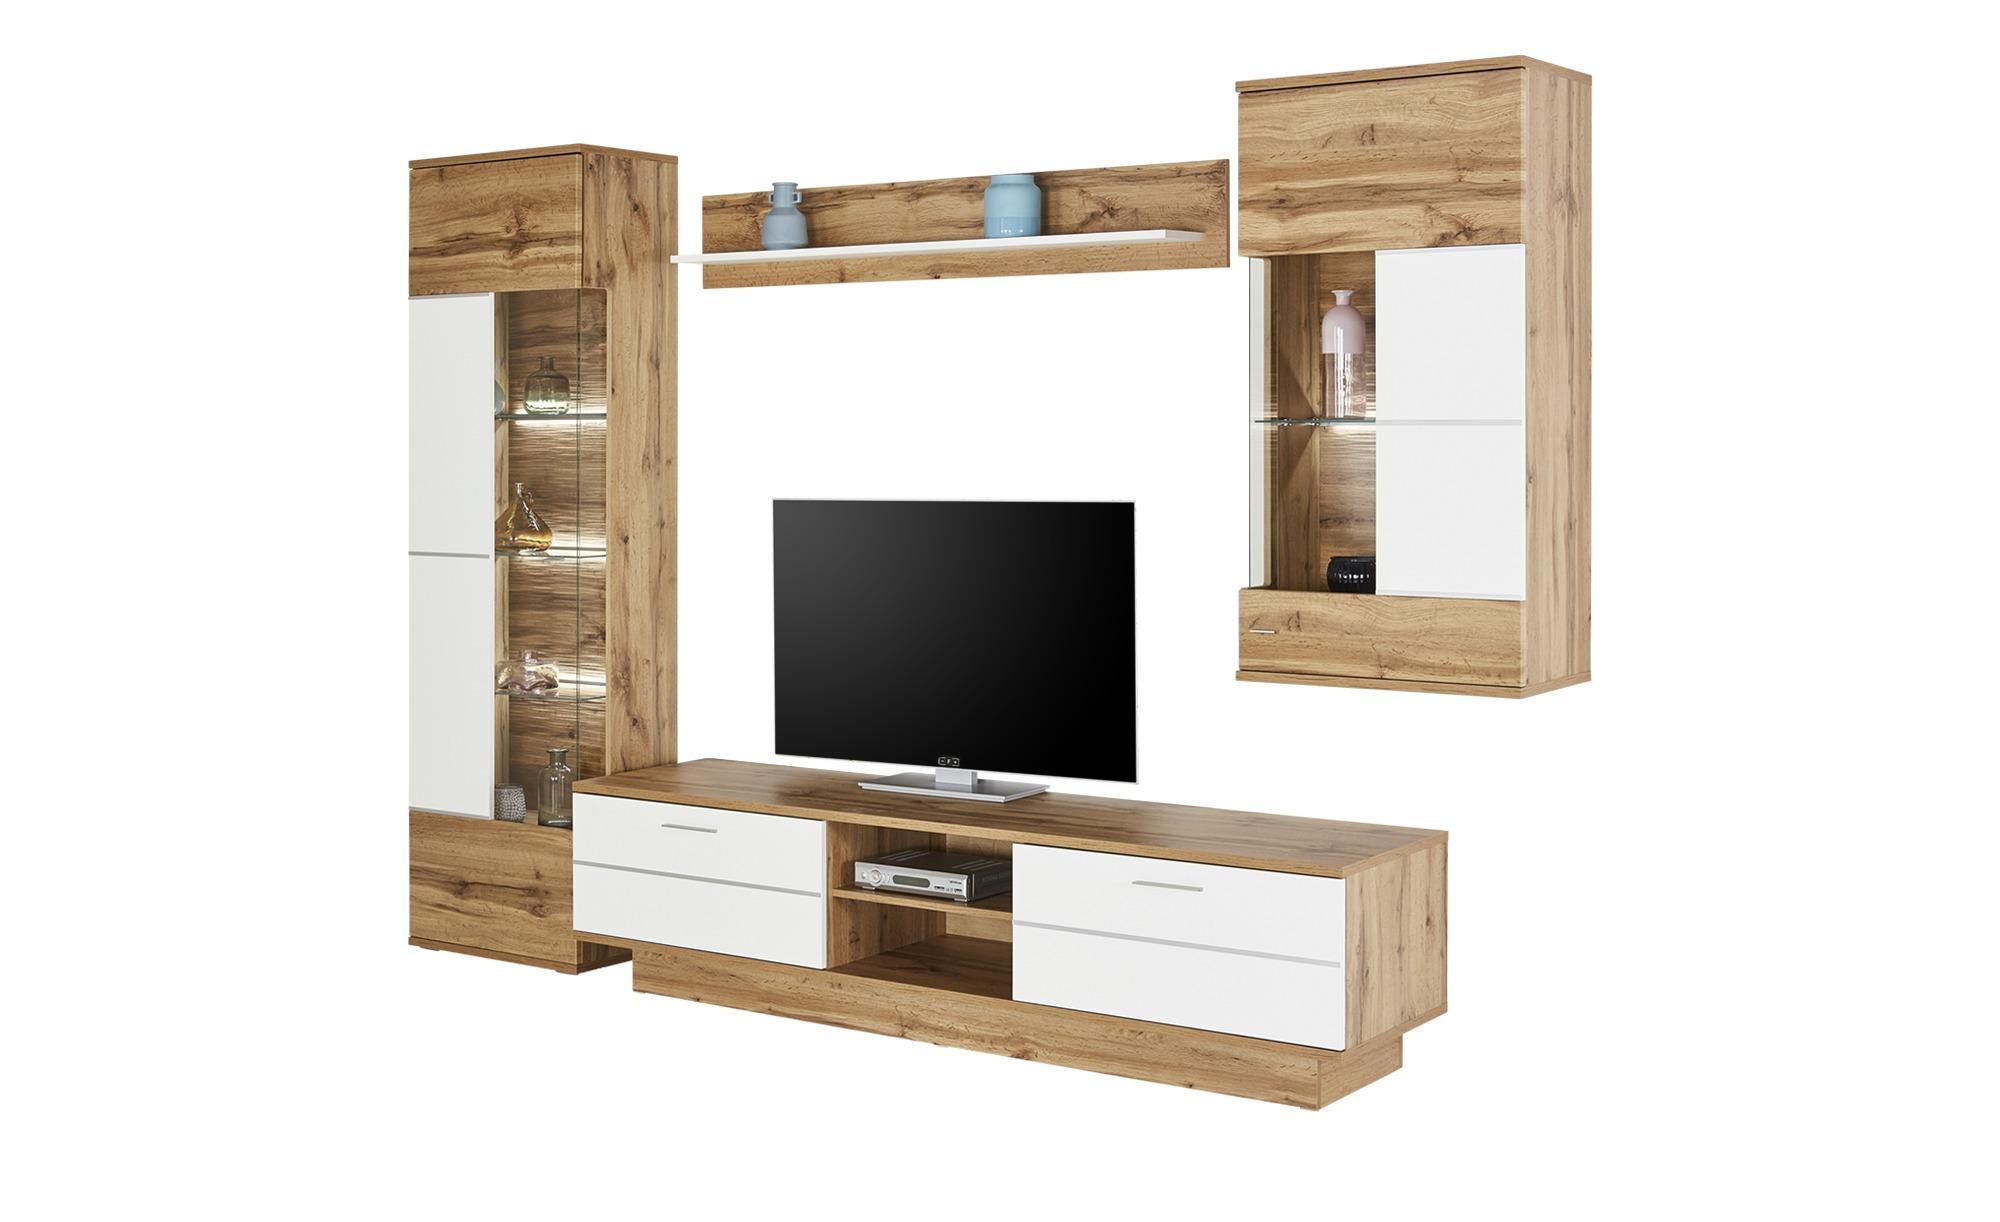 uno Wohnwand   Alfonso - 291 cm - 208 cm - 50 cm - Wohnwände > Anbauwände - Möbel Kraft